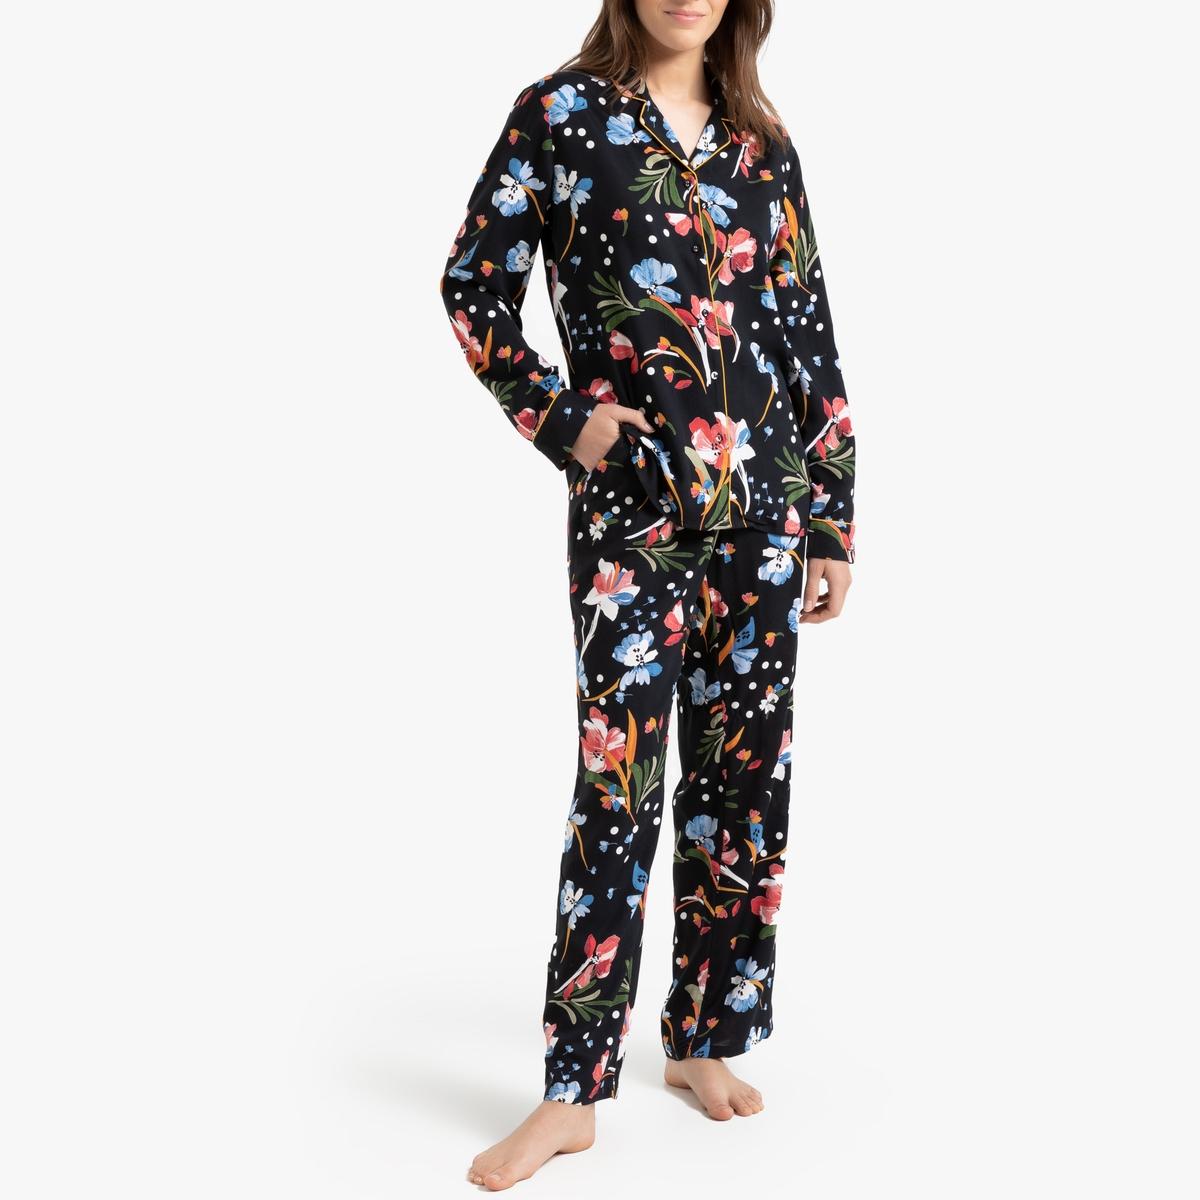 Pijama estampado de flores, de manga larga